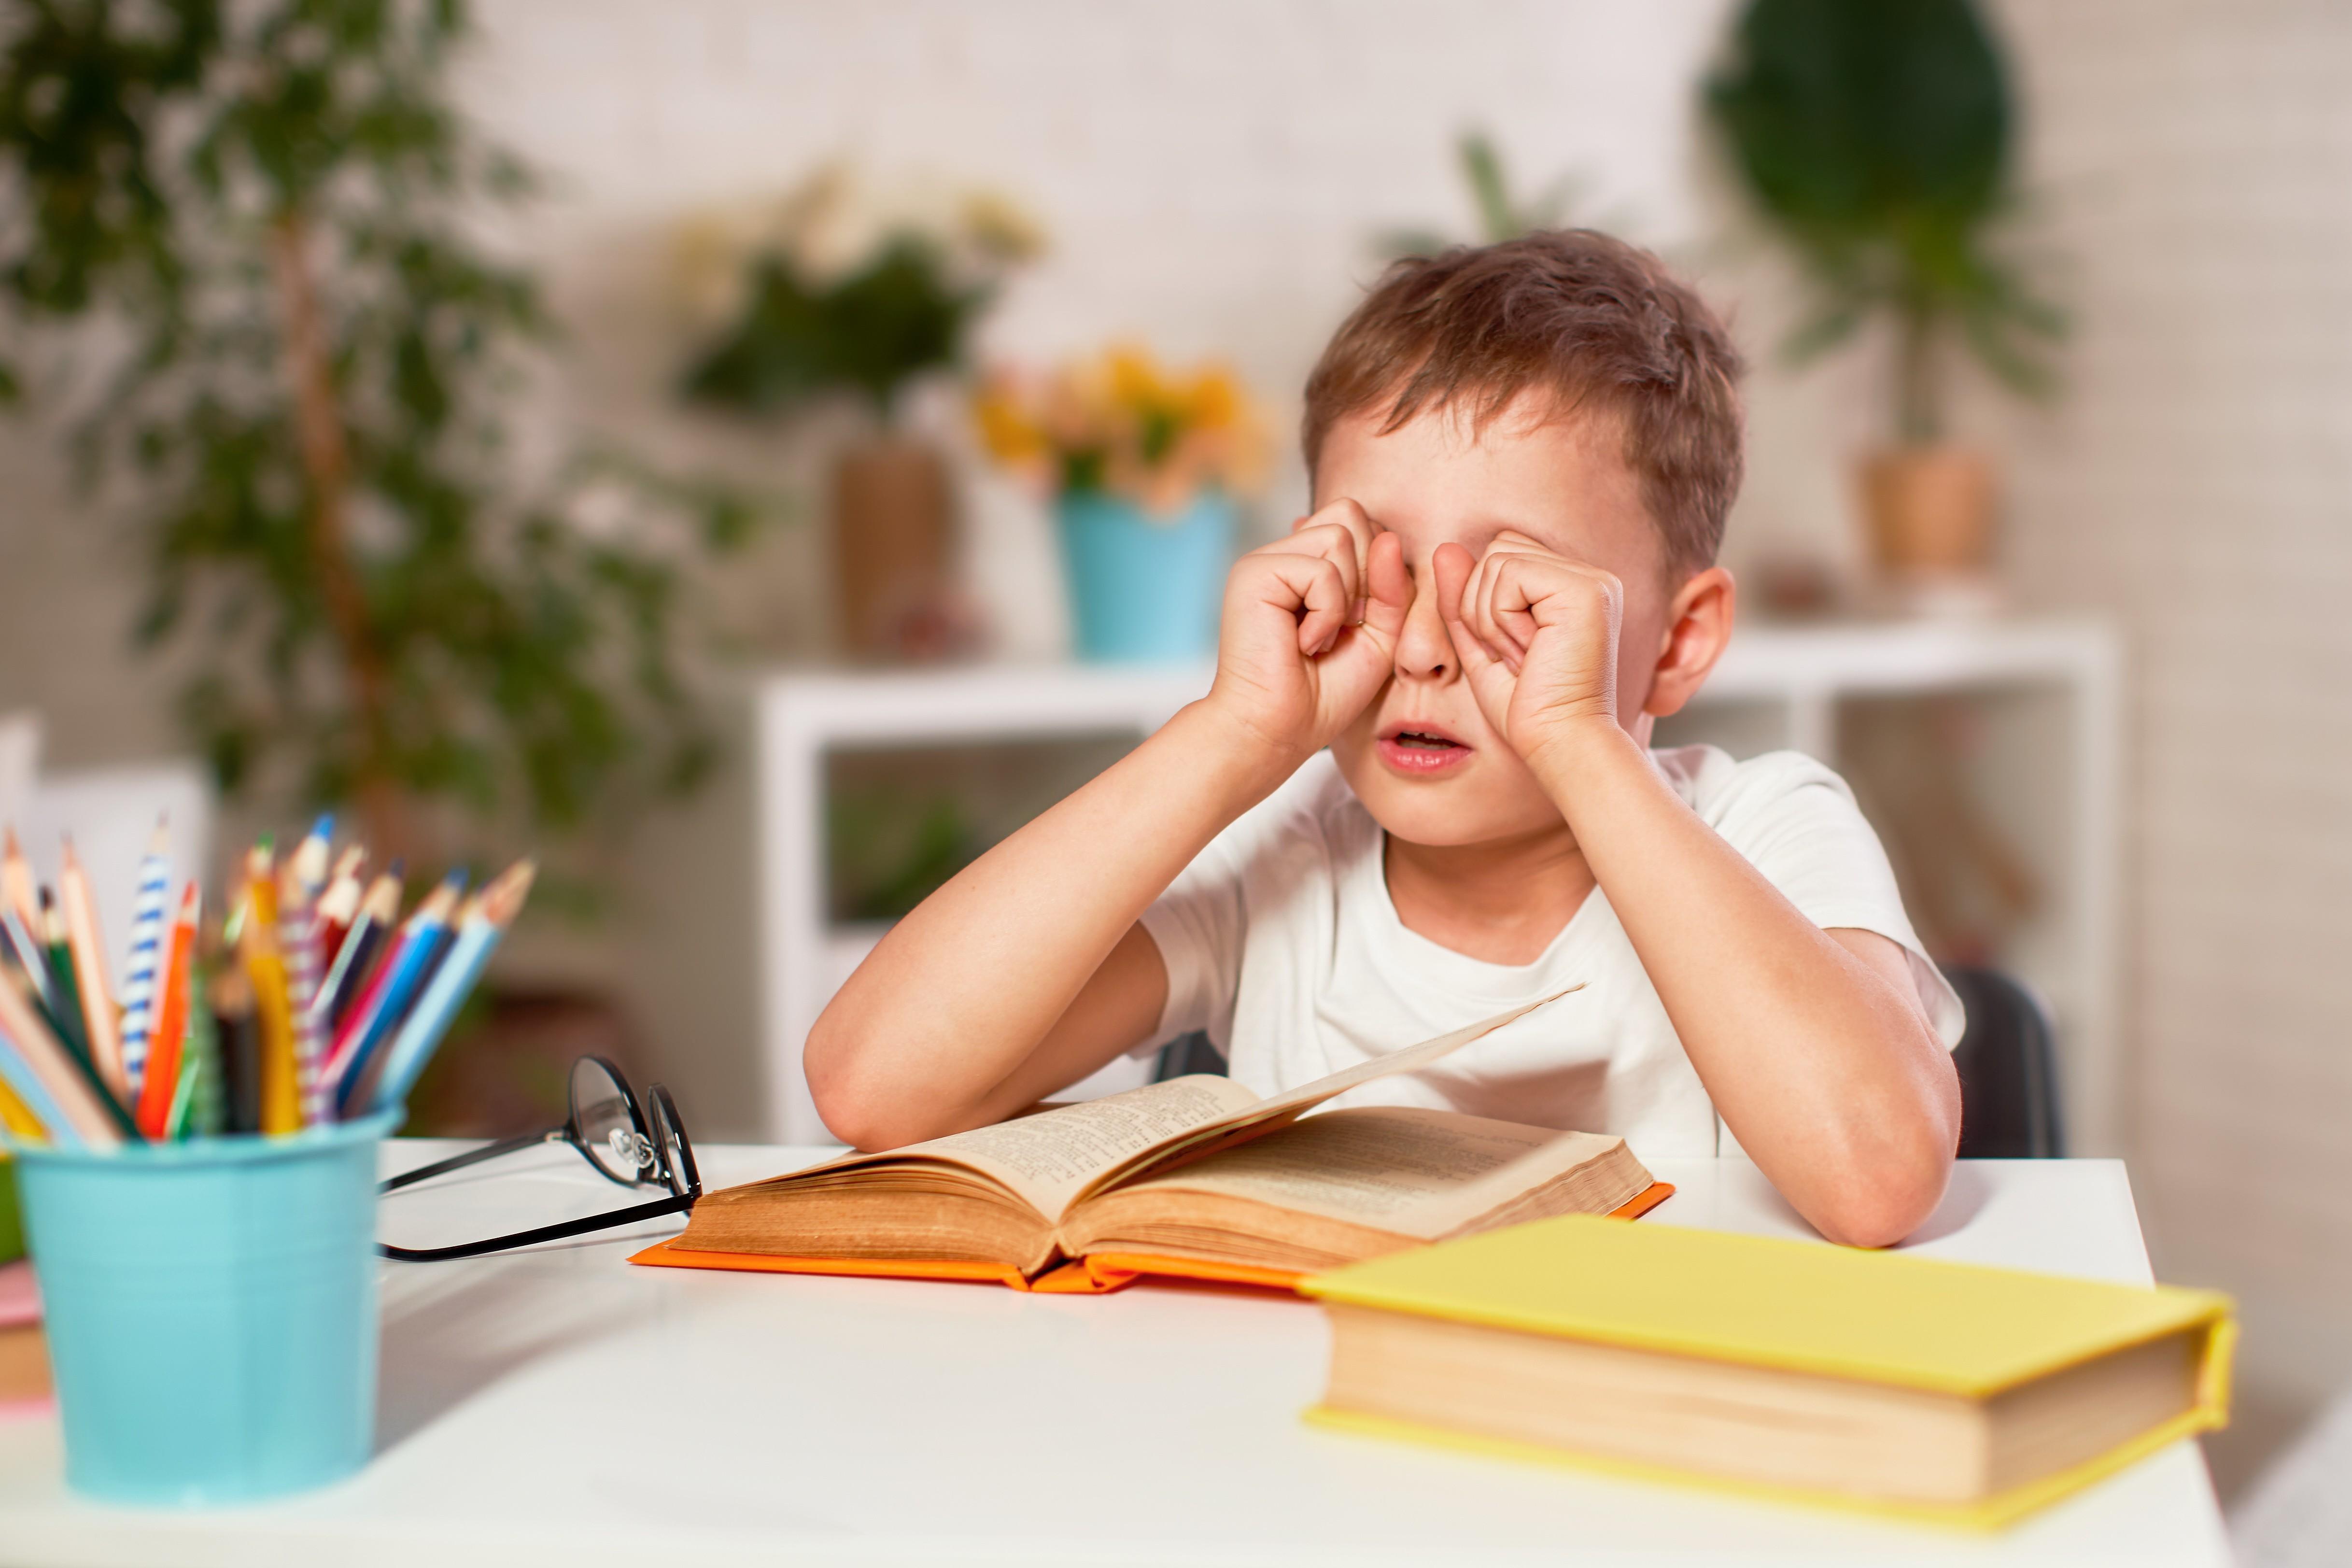 Kinder mit verschiedensten Anzeichen, wie z.b. regelmäßiges Augenkneifen brauchen eine Kinder-Brille